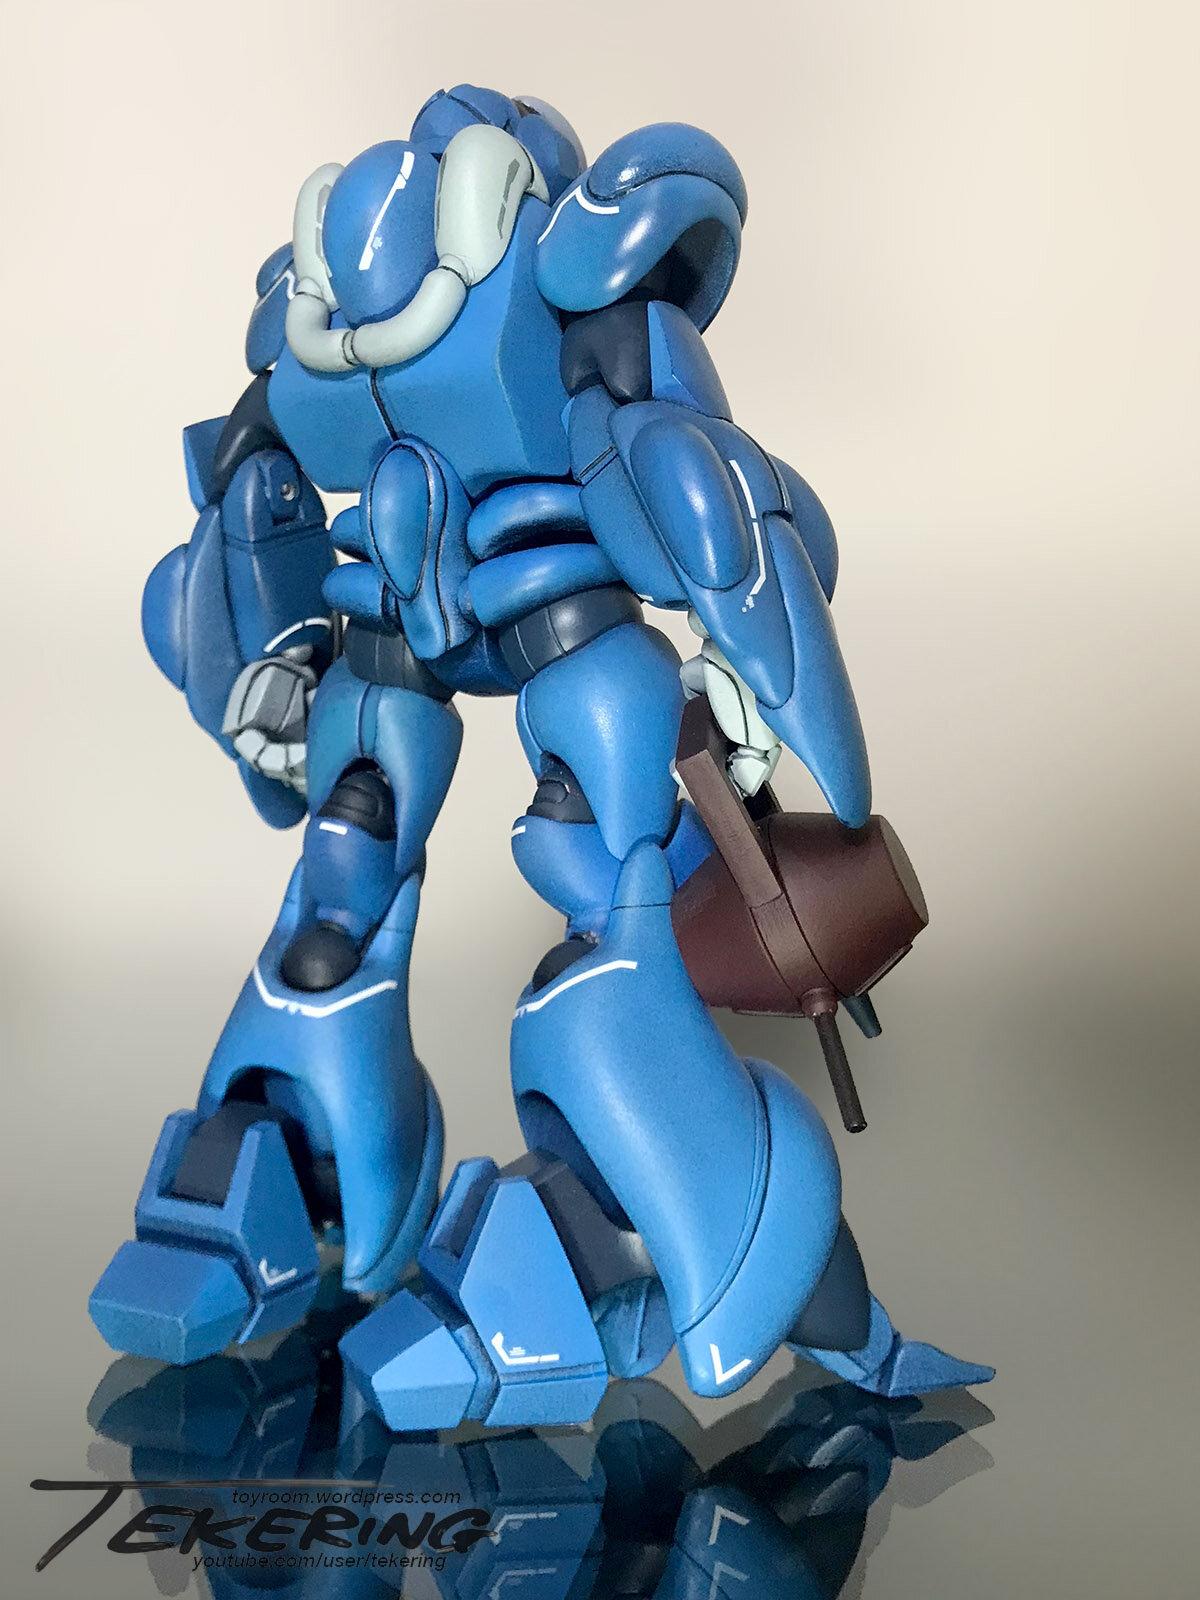 Bioroid-Soldier-Blue-back.jpg.99359060fcc3924b49538ce9a1966b28.jpg